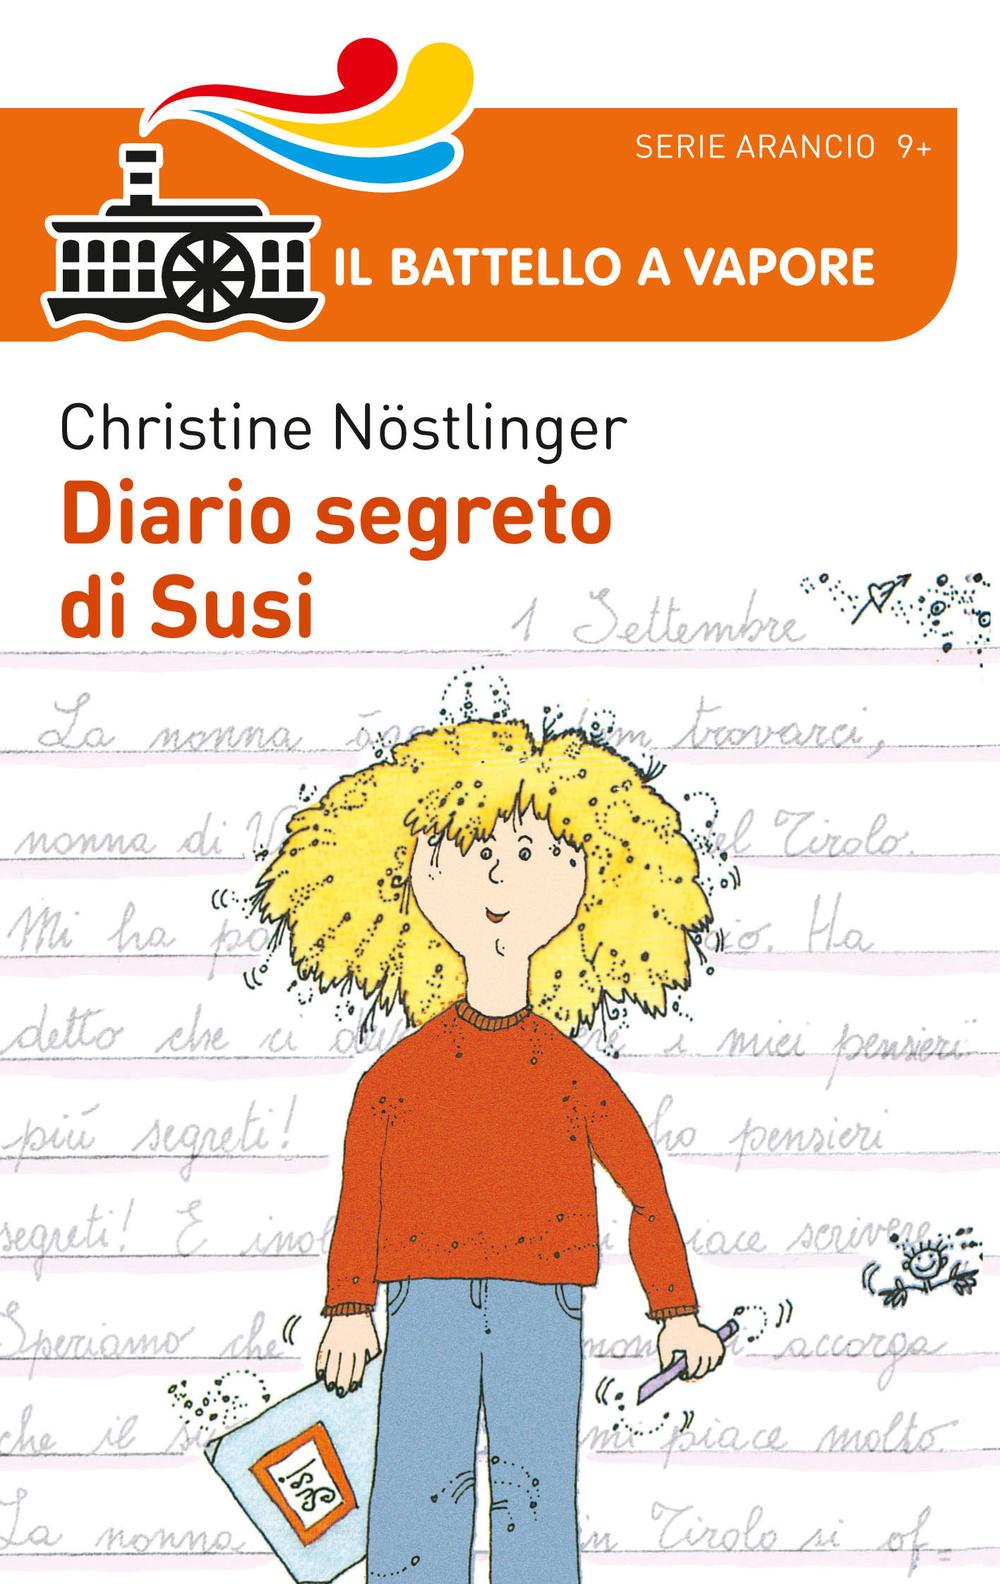 Diario segreto di Susi. Diario segreto di Paul